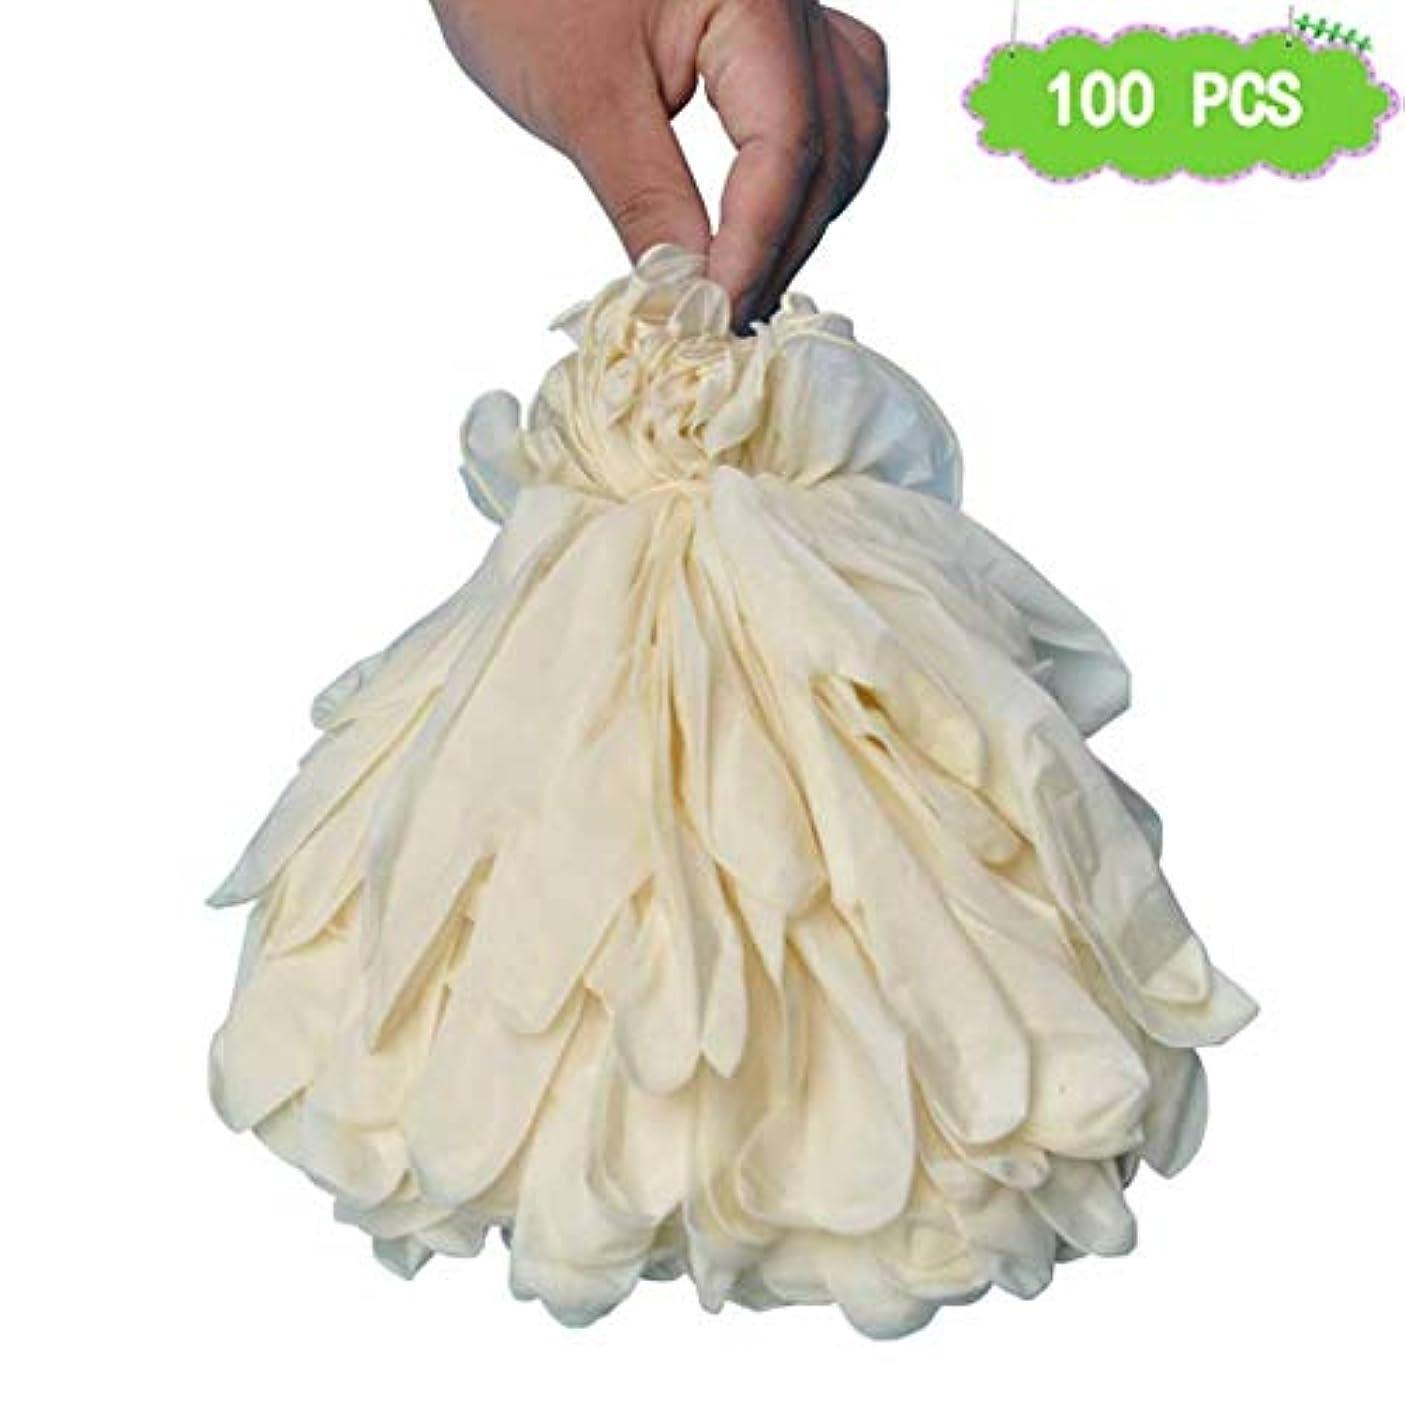 ウォーターフロント矩形主白いラテックス手袋使い捨てゴム手袋食品使い捨て手袋ペットケアネイルアート検査保護実験、美容院ラテックスフリー、、 100個 (Size : M)